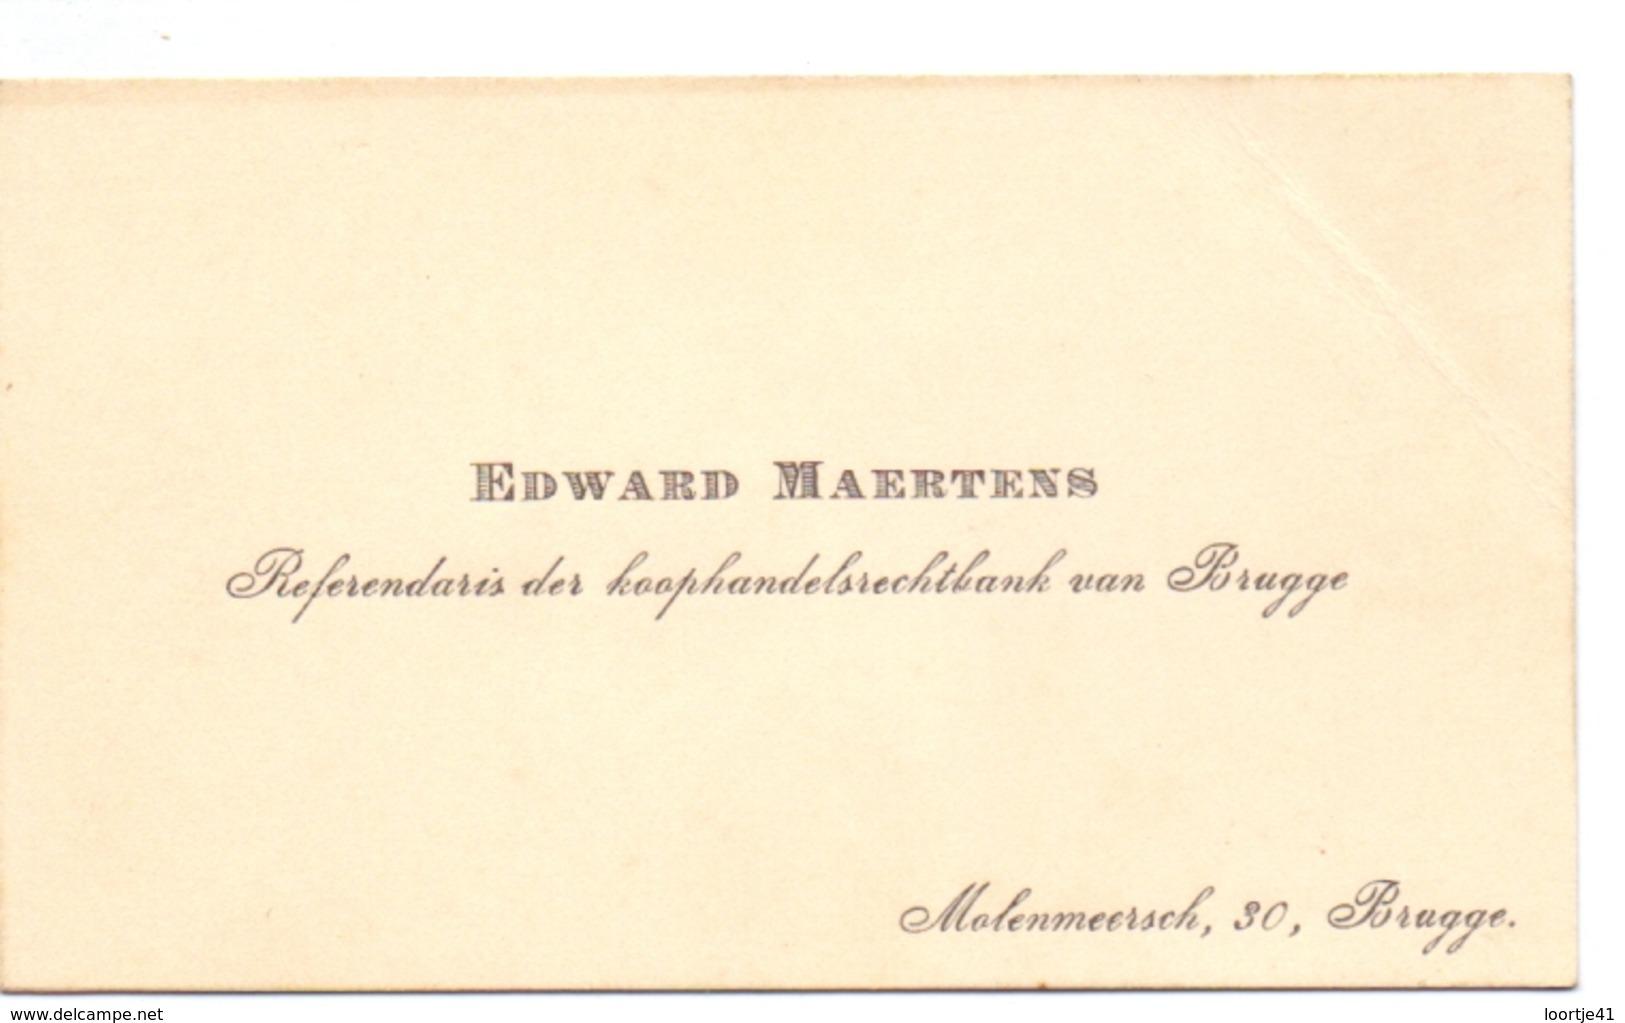 Visitekaartje - Carte Visite - Koophandelsrechtbank - Edward Maertens - Brugge - Cartes De Visite